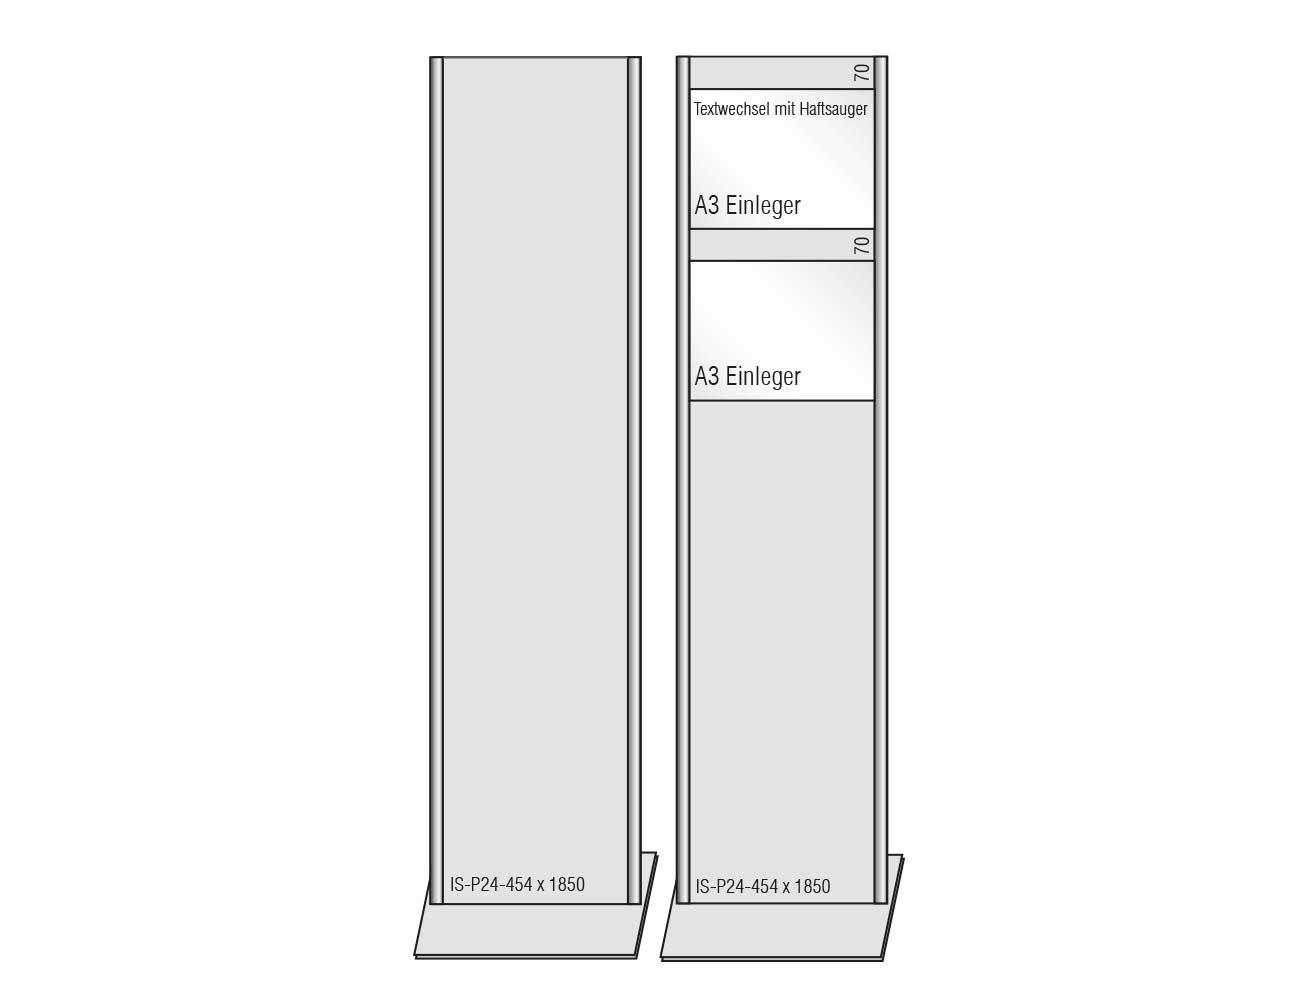 """PLANO """"Infostele"""" 454 x 1850 mm (BxH)_ silber E6/EV1"""